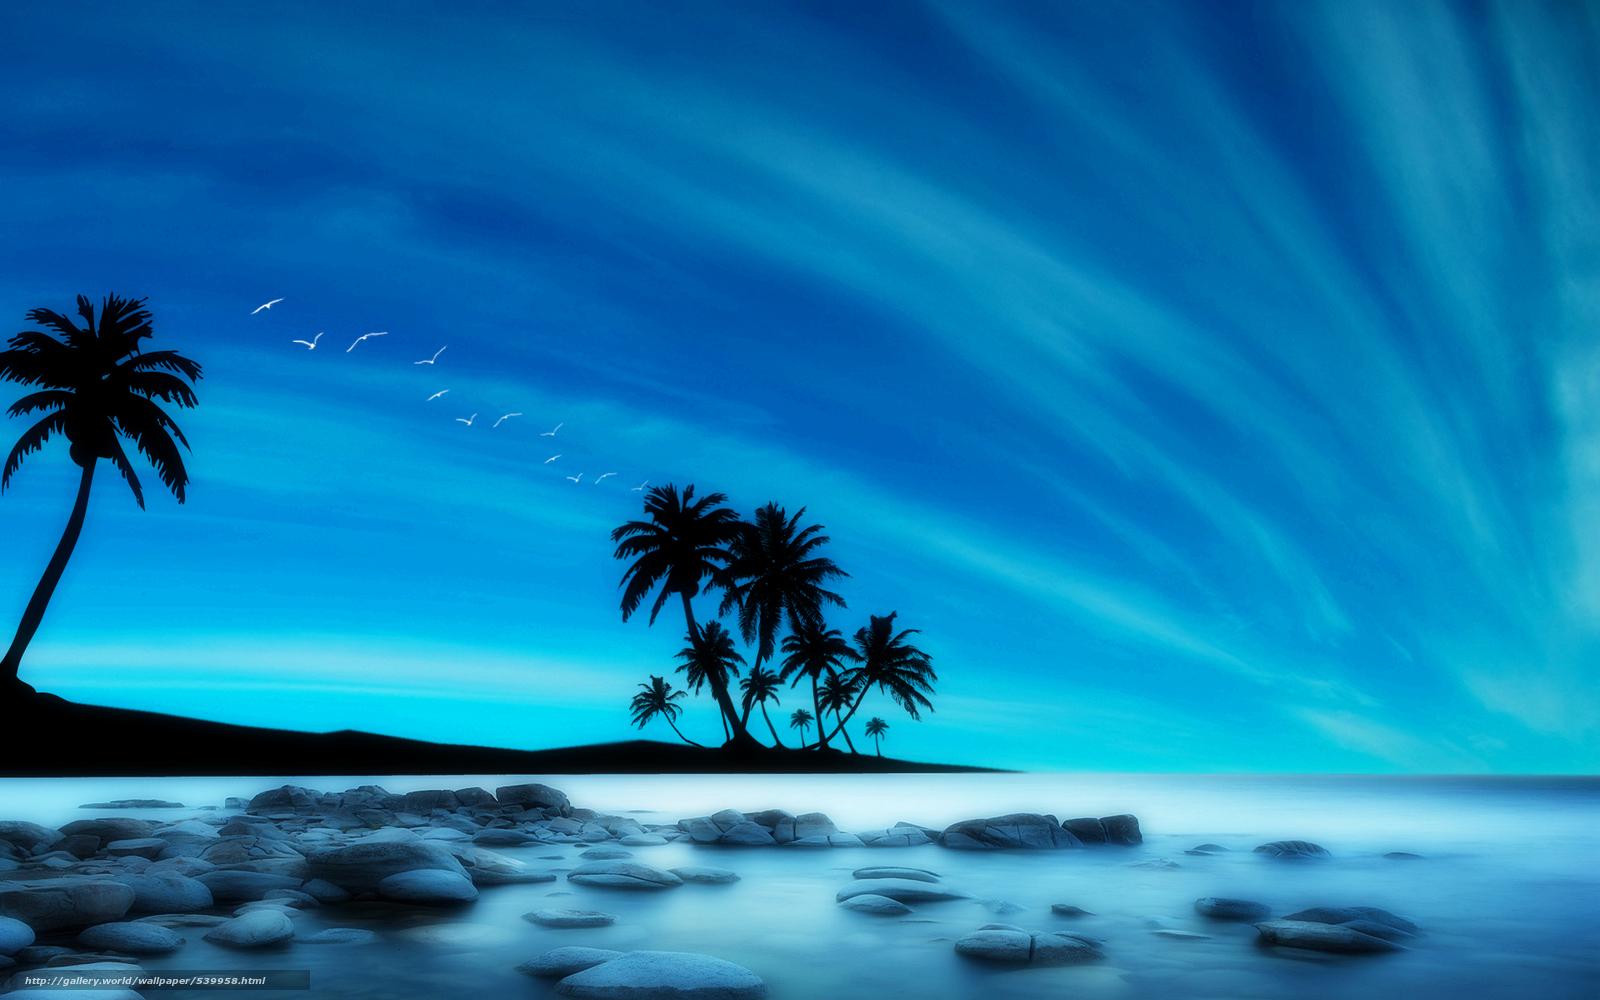 Scaricare gli sfondi mare palme paesaggio 3d sfondi for Sfondi desktop 3d